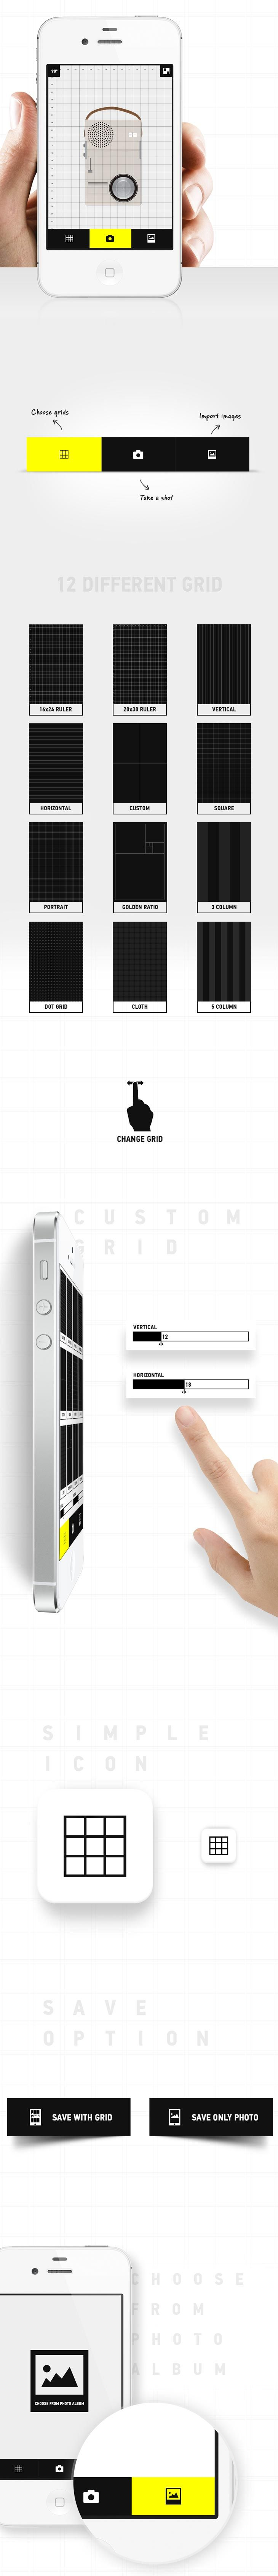 Grid App